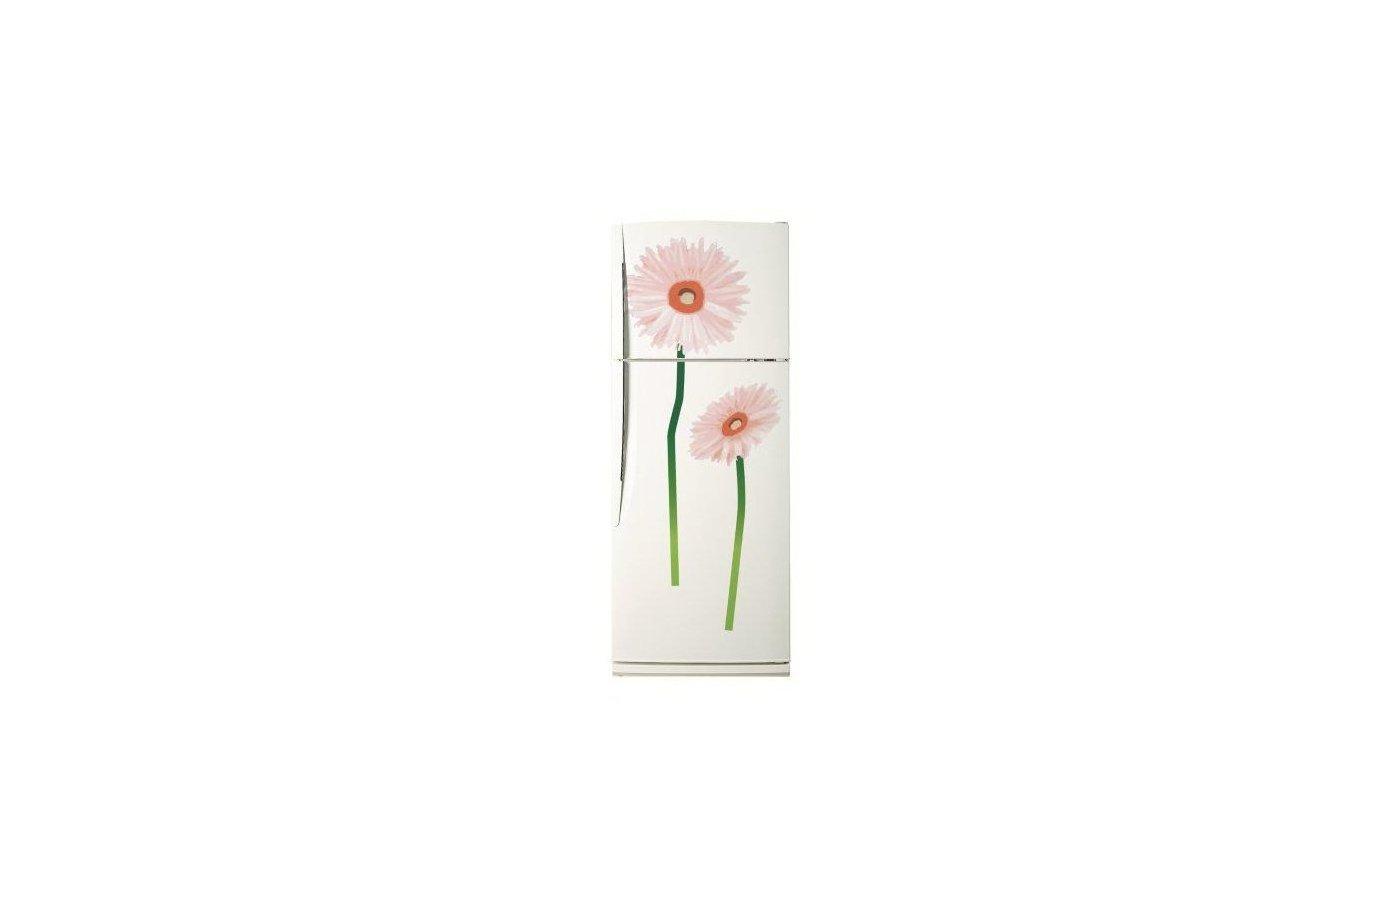 Аксессуар к холодильникам TOPPERR 7001 Декоративная наклейка д/холодильников Цветок - Розовая гербера